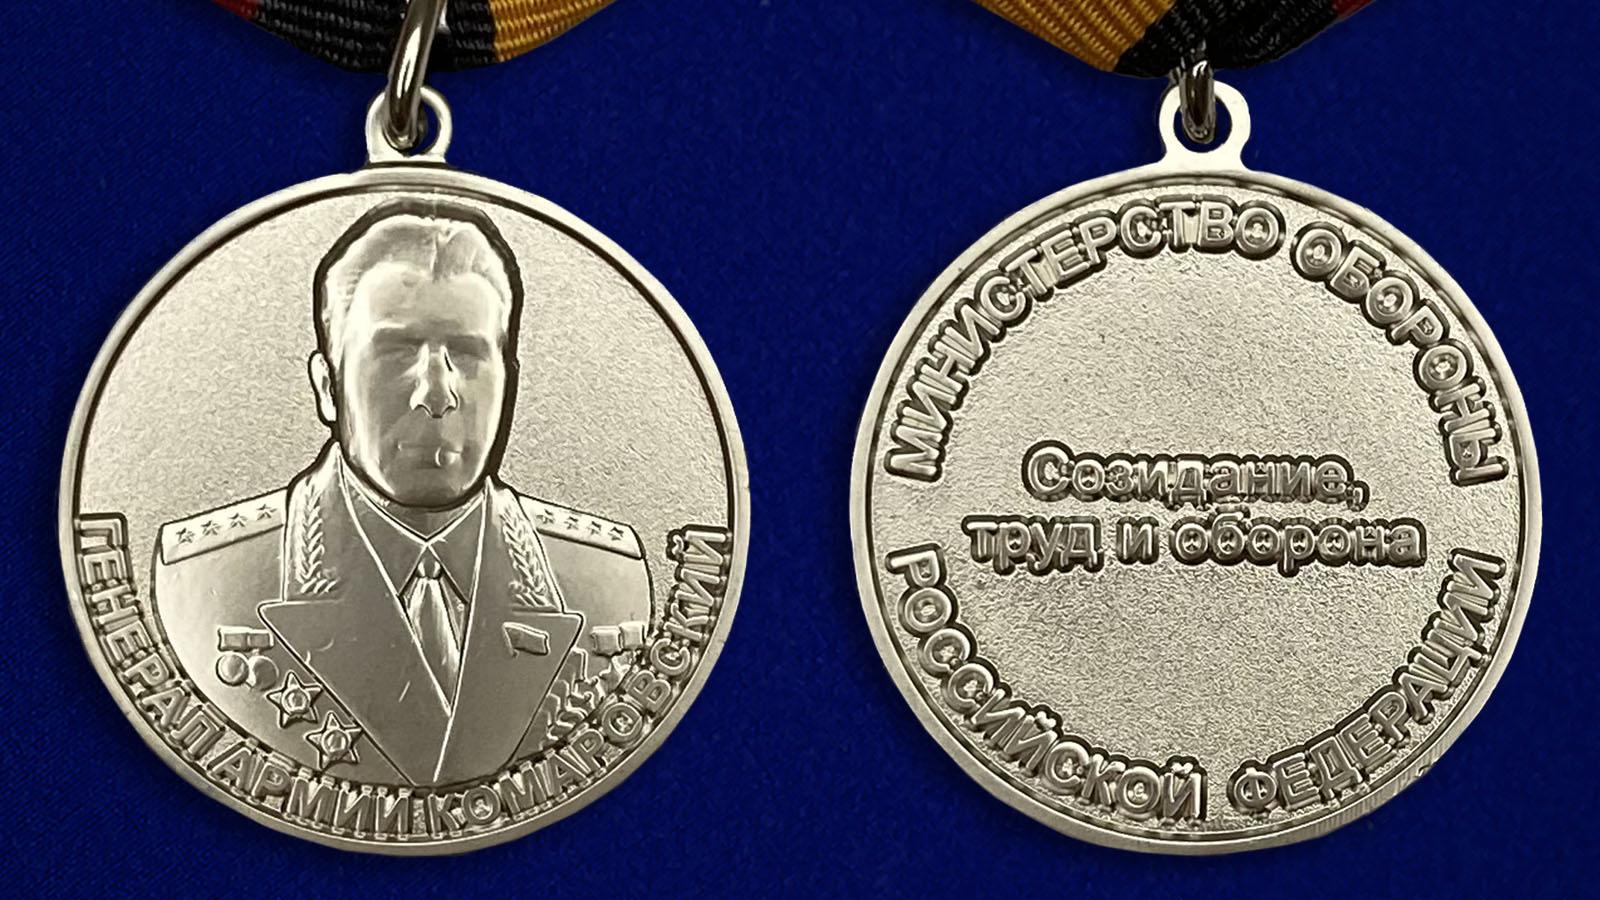 Медаль Генерал армии Комаровский - вид на руке